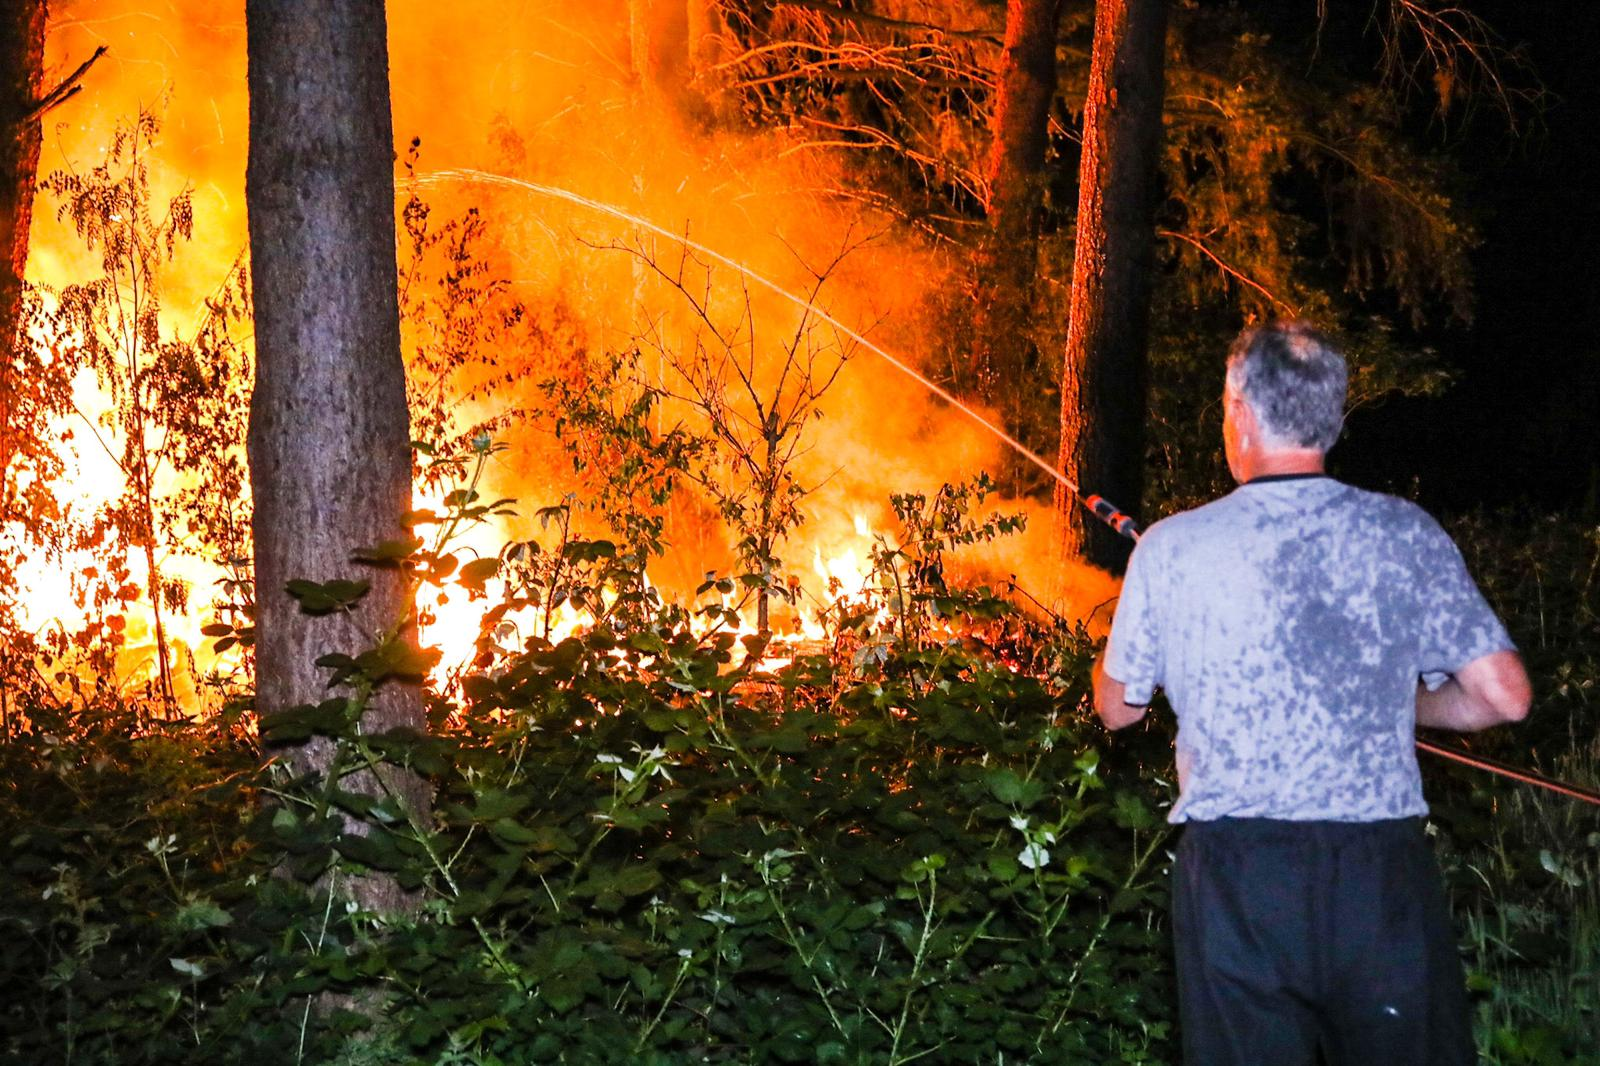 *VIDEO* Brandstichting in Matenpark; brandweer snel ter plaatse